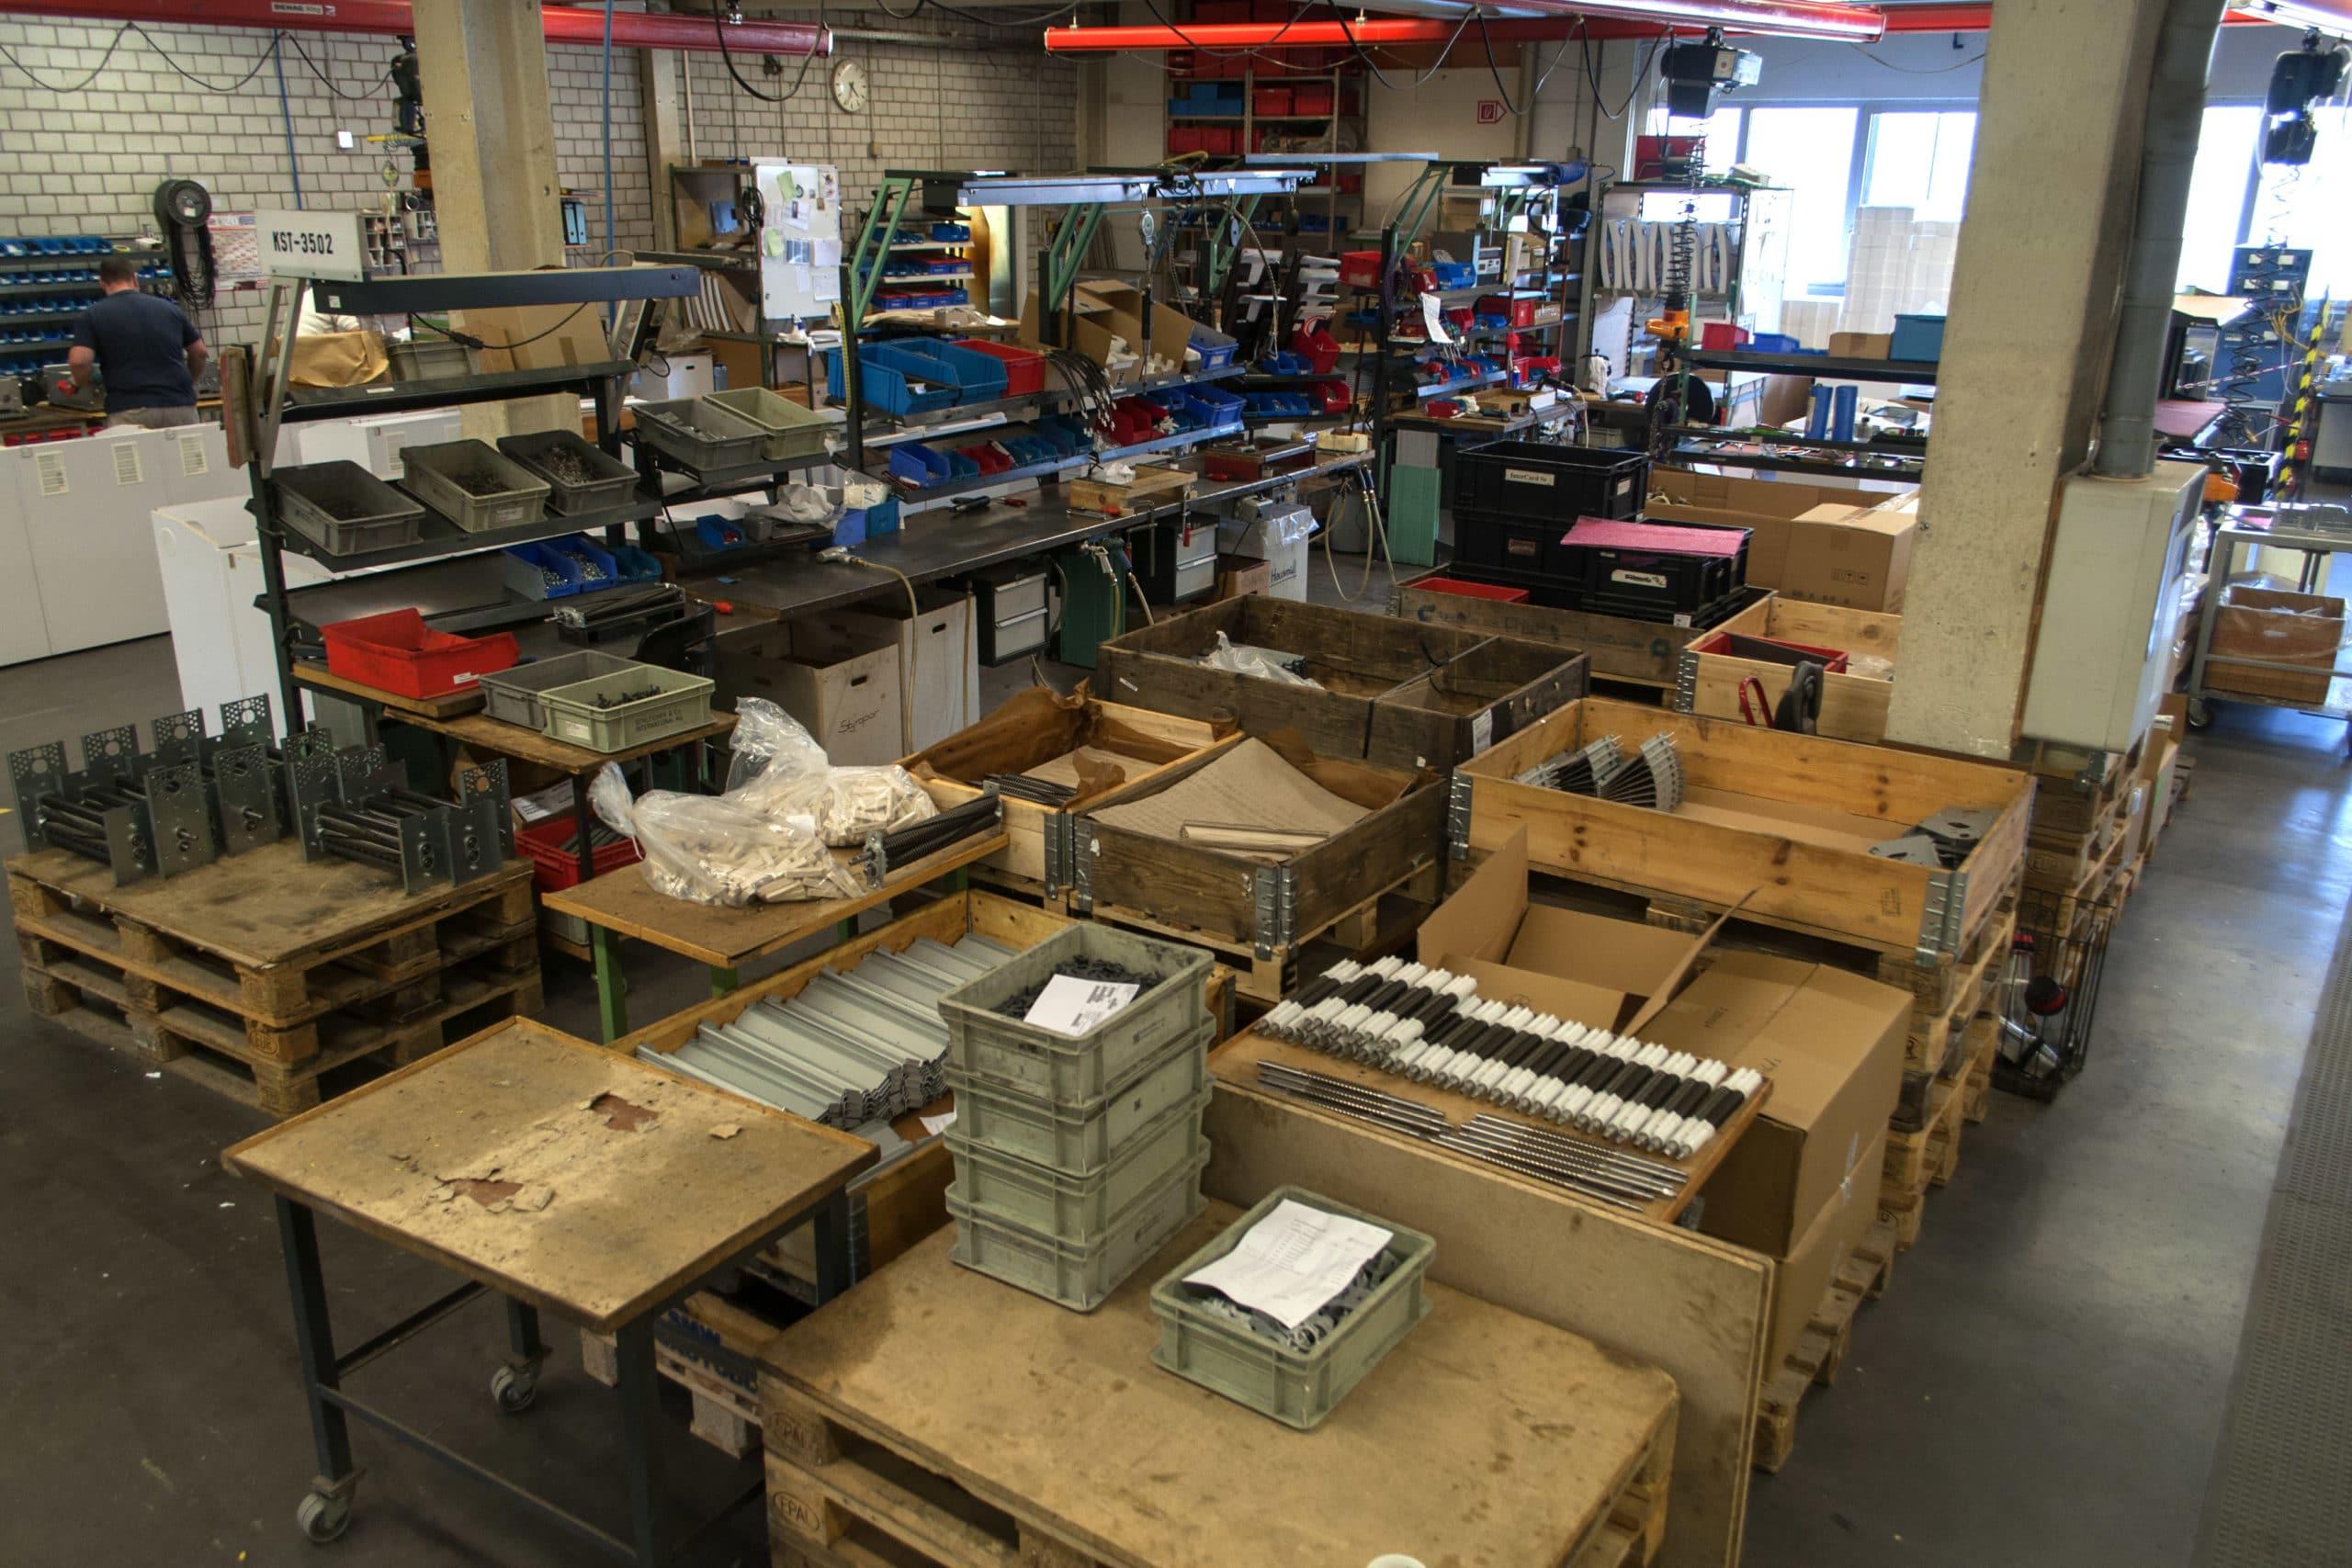 One peace flow ipv serieproductie Kanban systeem voor de aanlevering van materialen Labelling alle materialen Alles heeft een vaste plek Visuele vastlegging van de processen